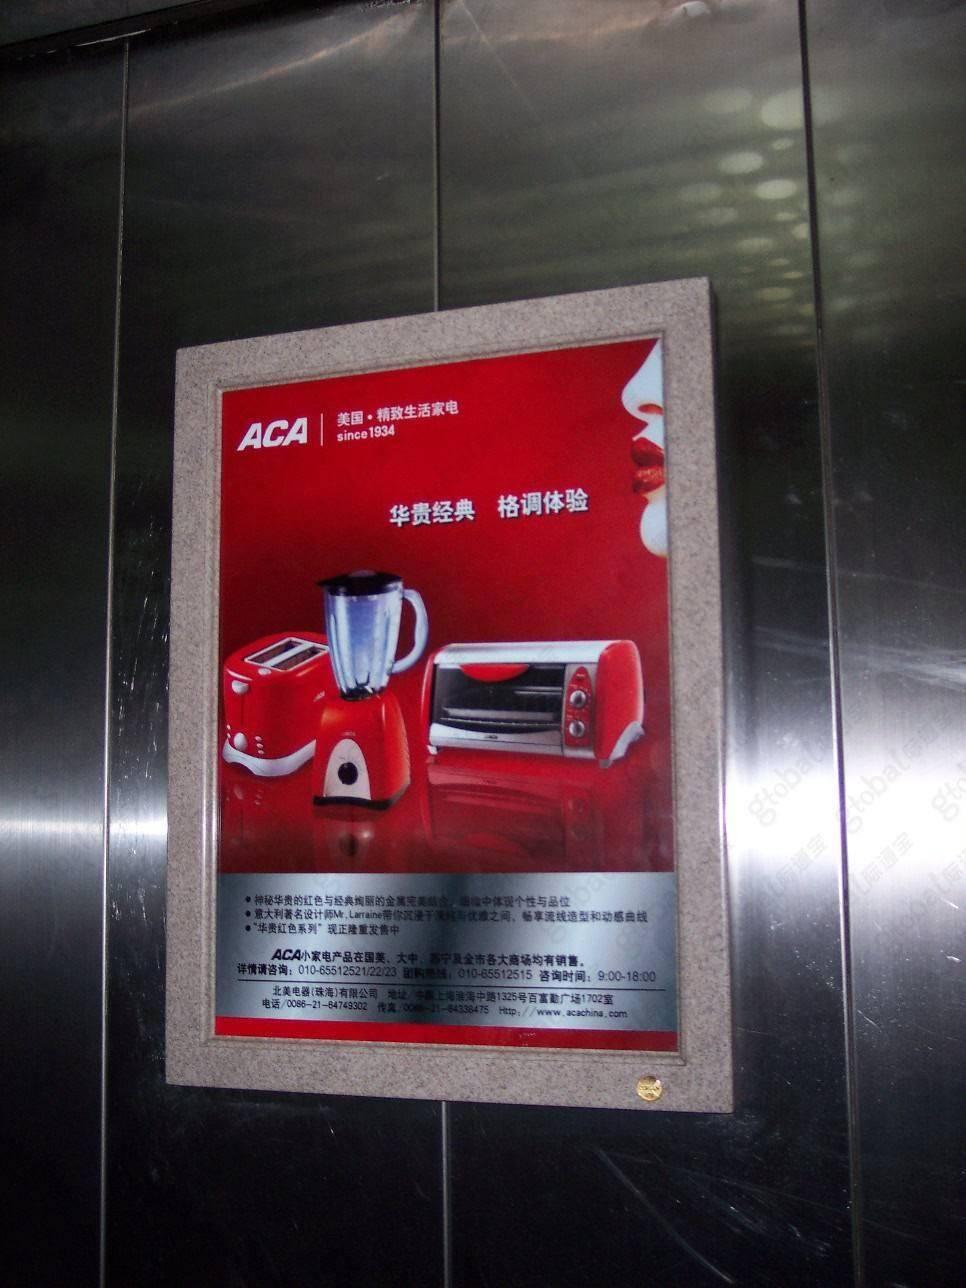 通化电梯广告公司广告牌框架3.0投放(100框起投)